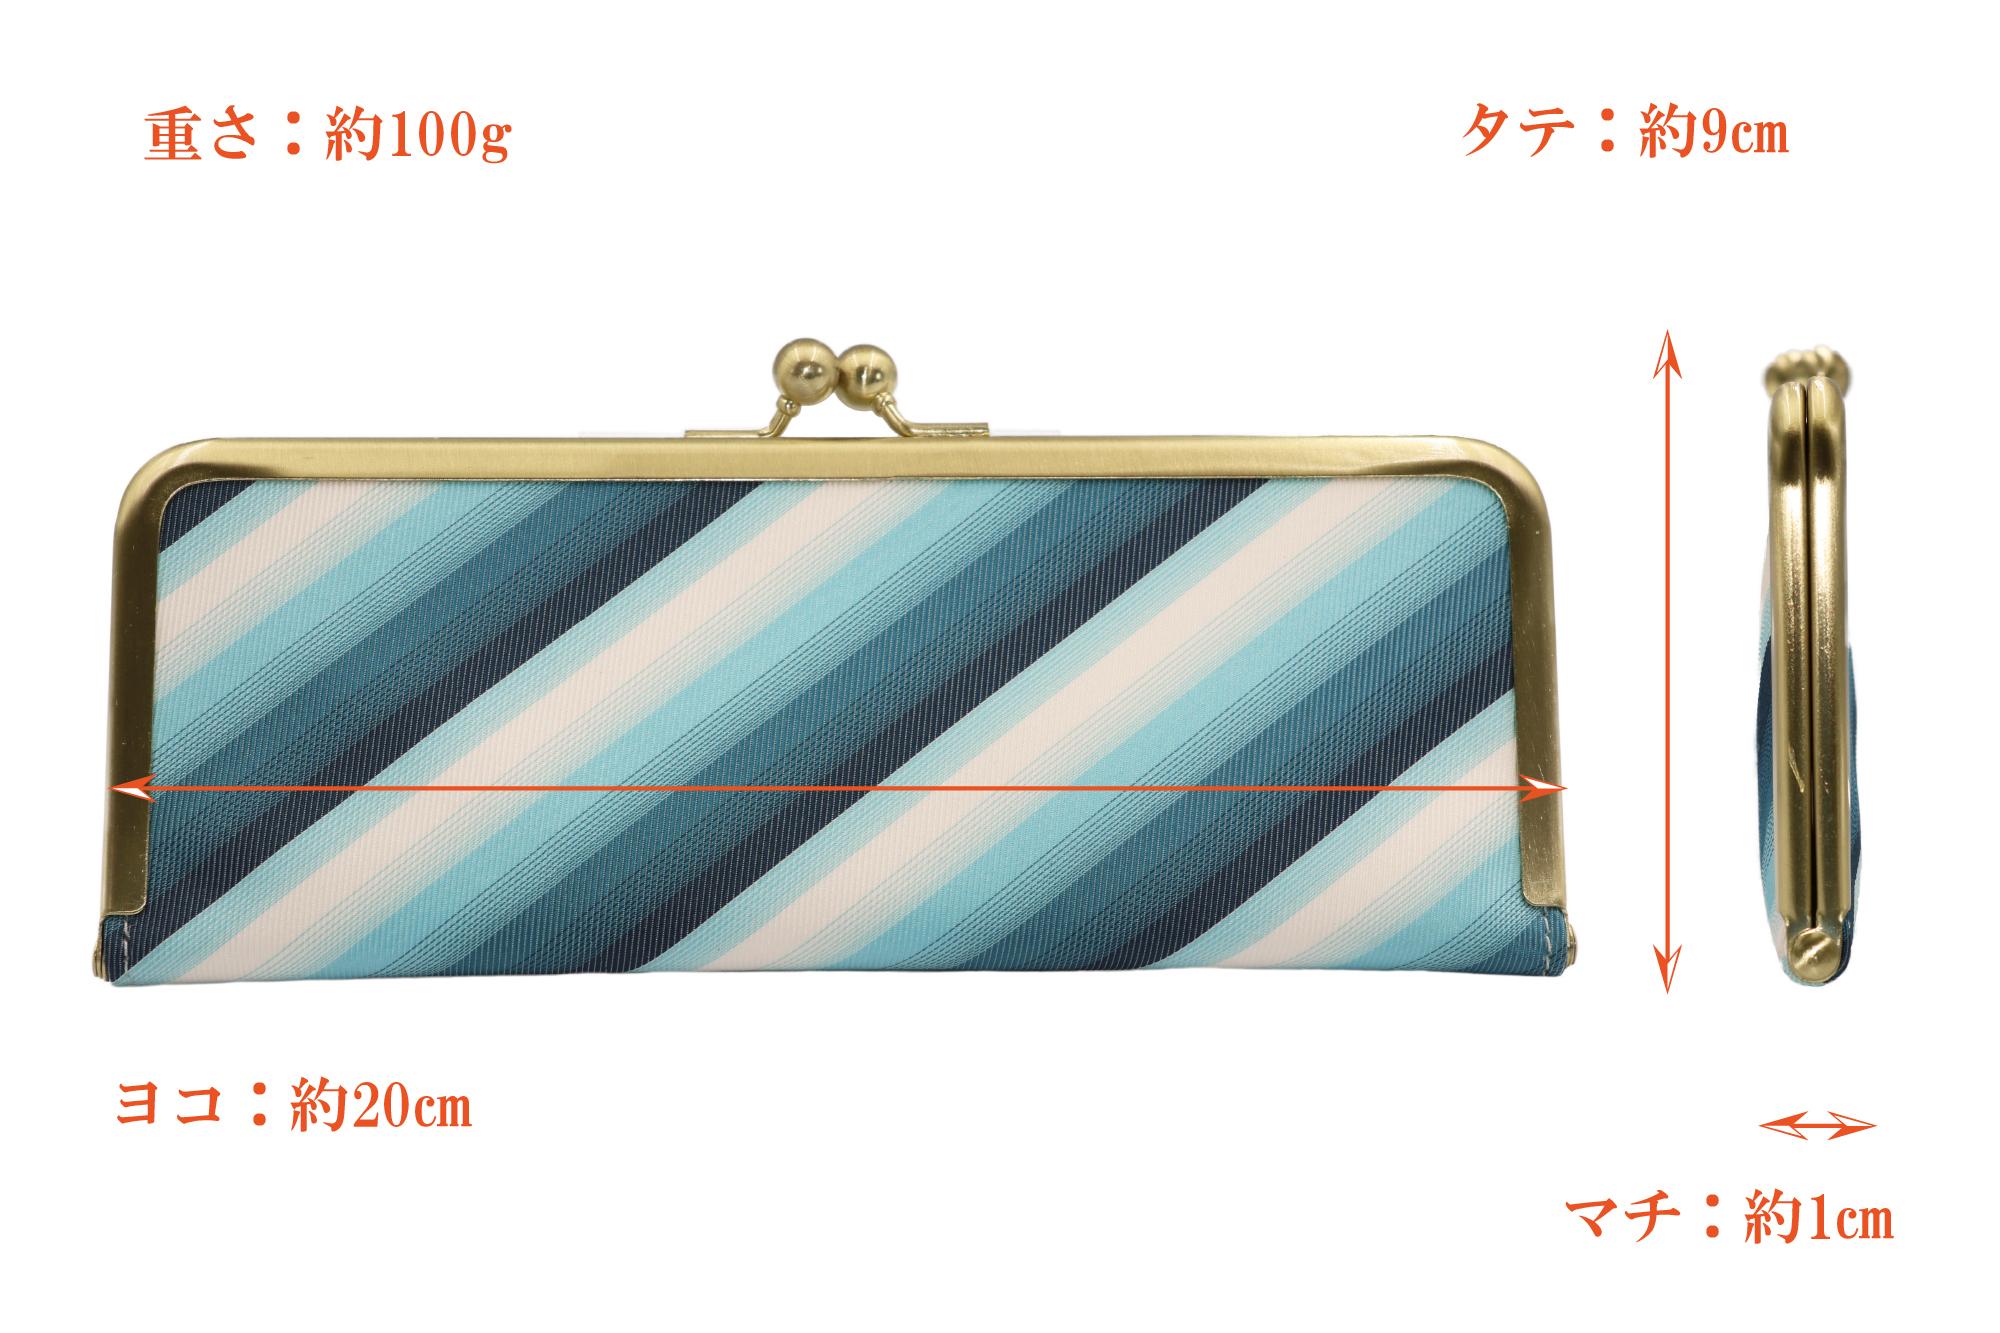 Atelier Kyoto Nishijin/撥水加工・西陣織シルク・抗菌・抗ウイルス・がまぐちマスクケース・グラデーションストライプ・日本製